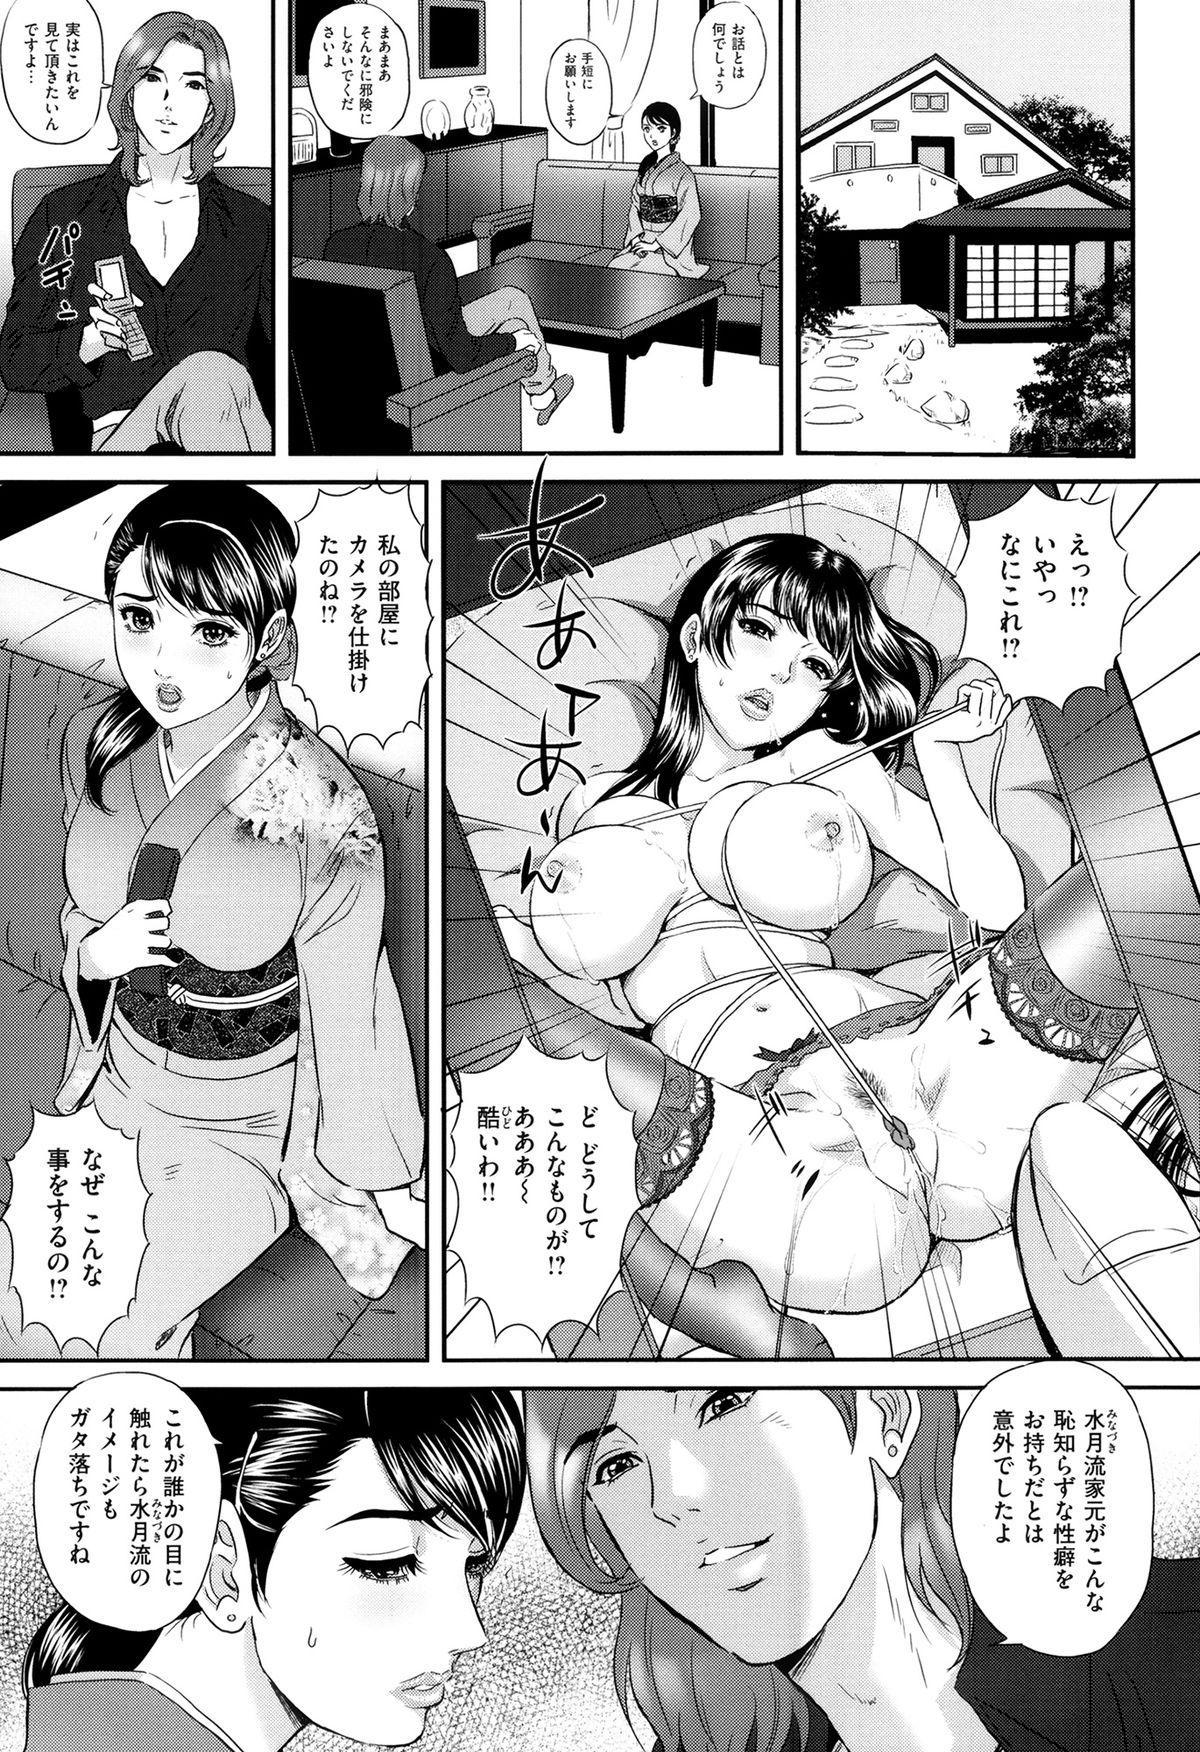 Ijimete Hoshiino 129